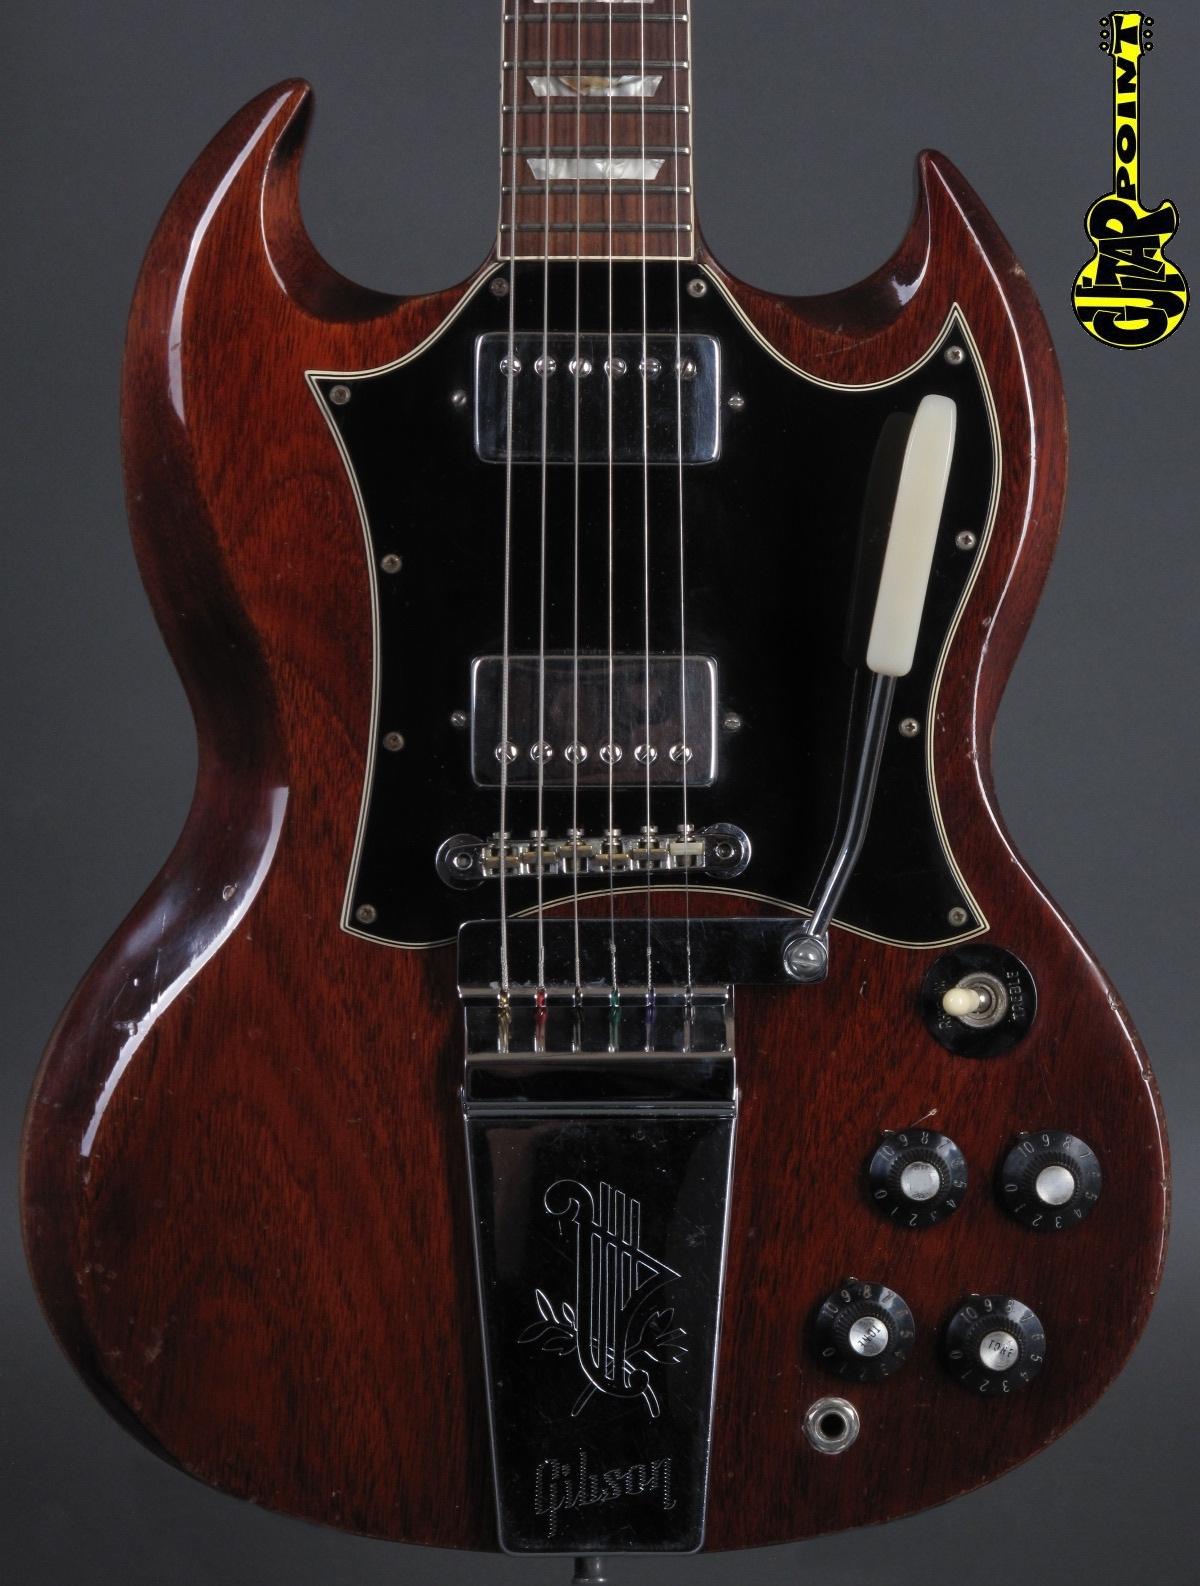 1969 Gibson SG Standard - Cherry incl. orig. hardshell case